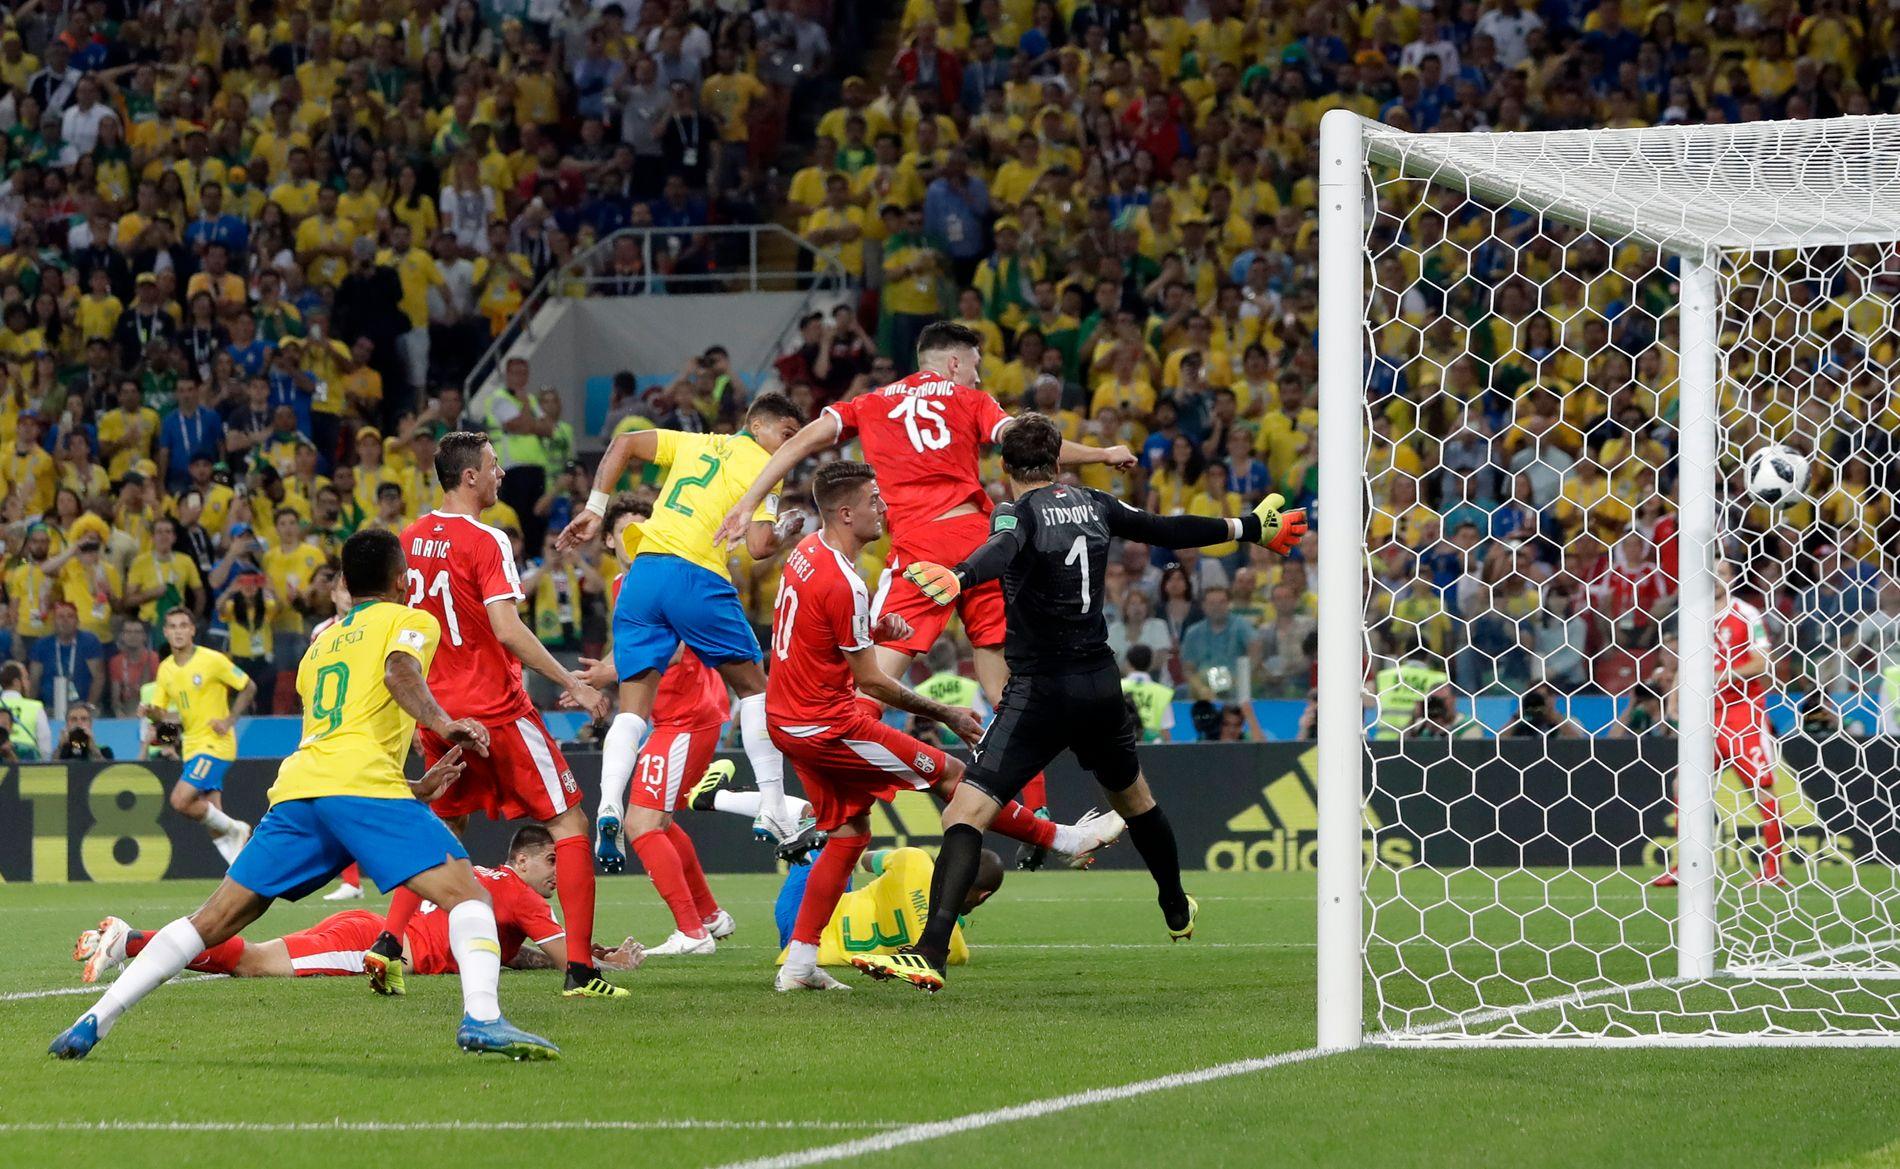 SATTE PUNKTUM: Thiago Silva (nummer 2) stanger inn 2–0-målet som punkterer kampen mot Serbia.